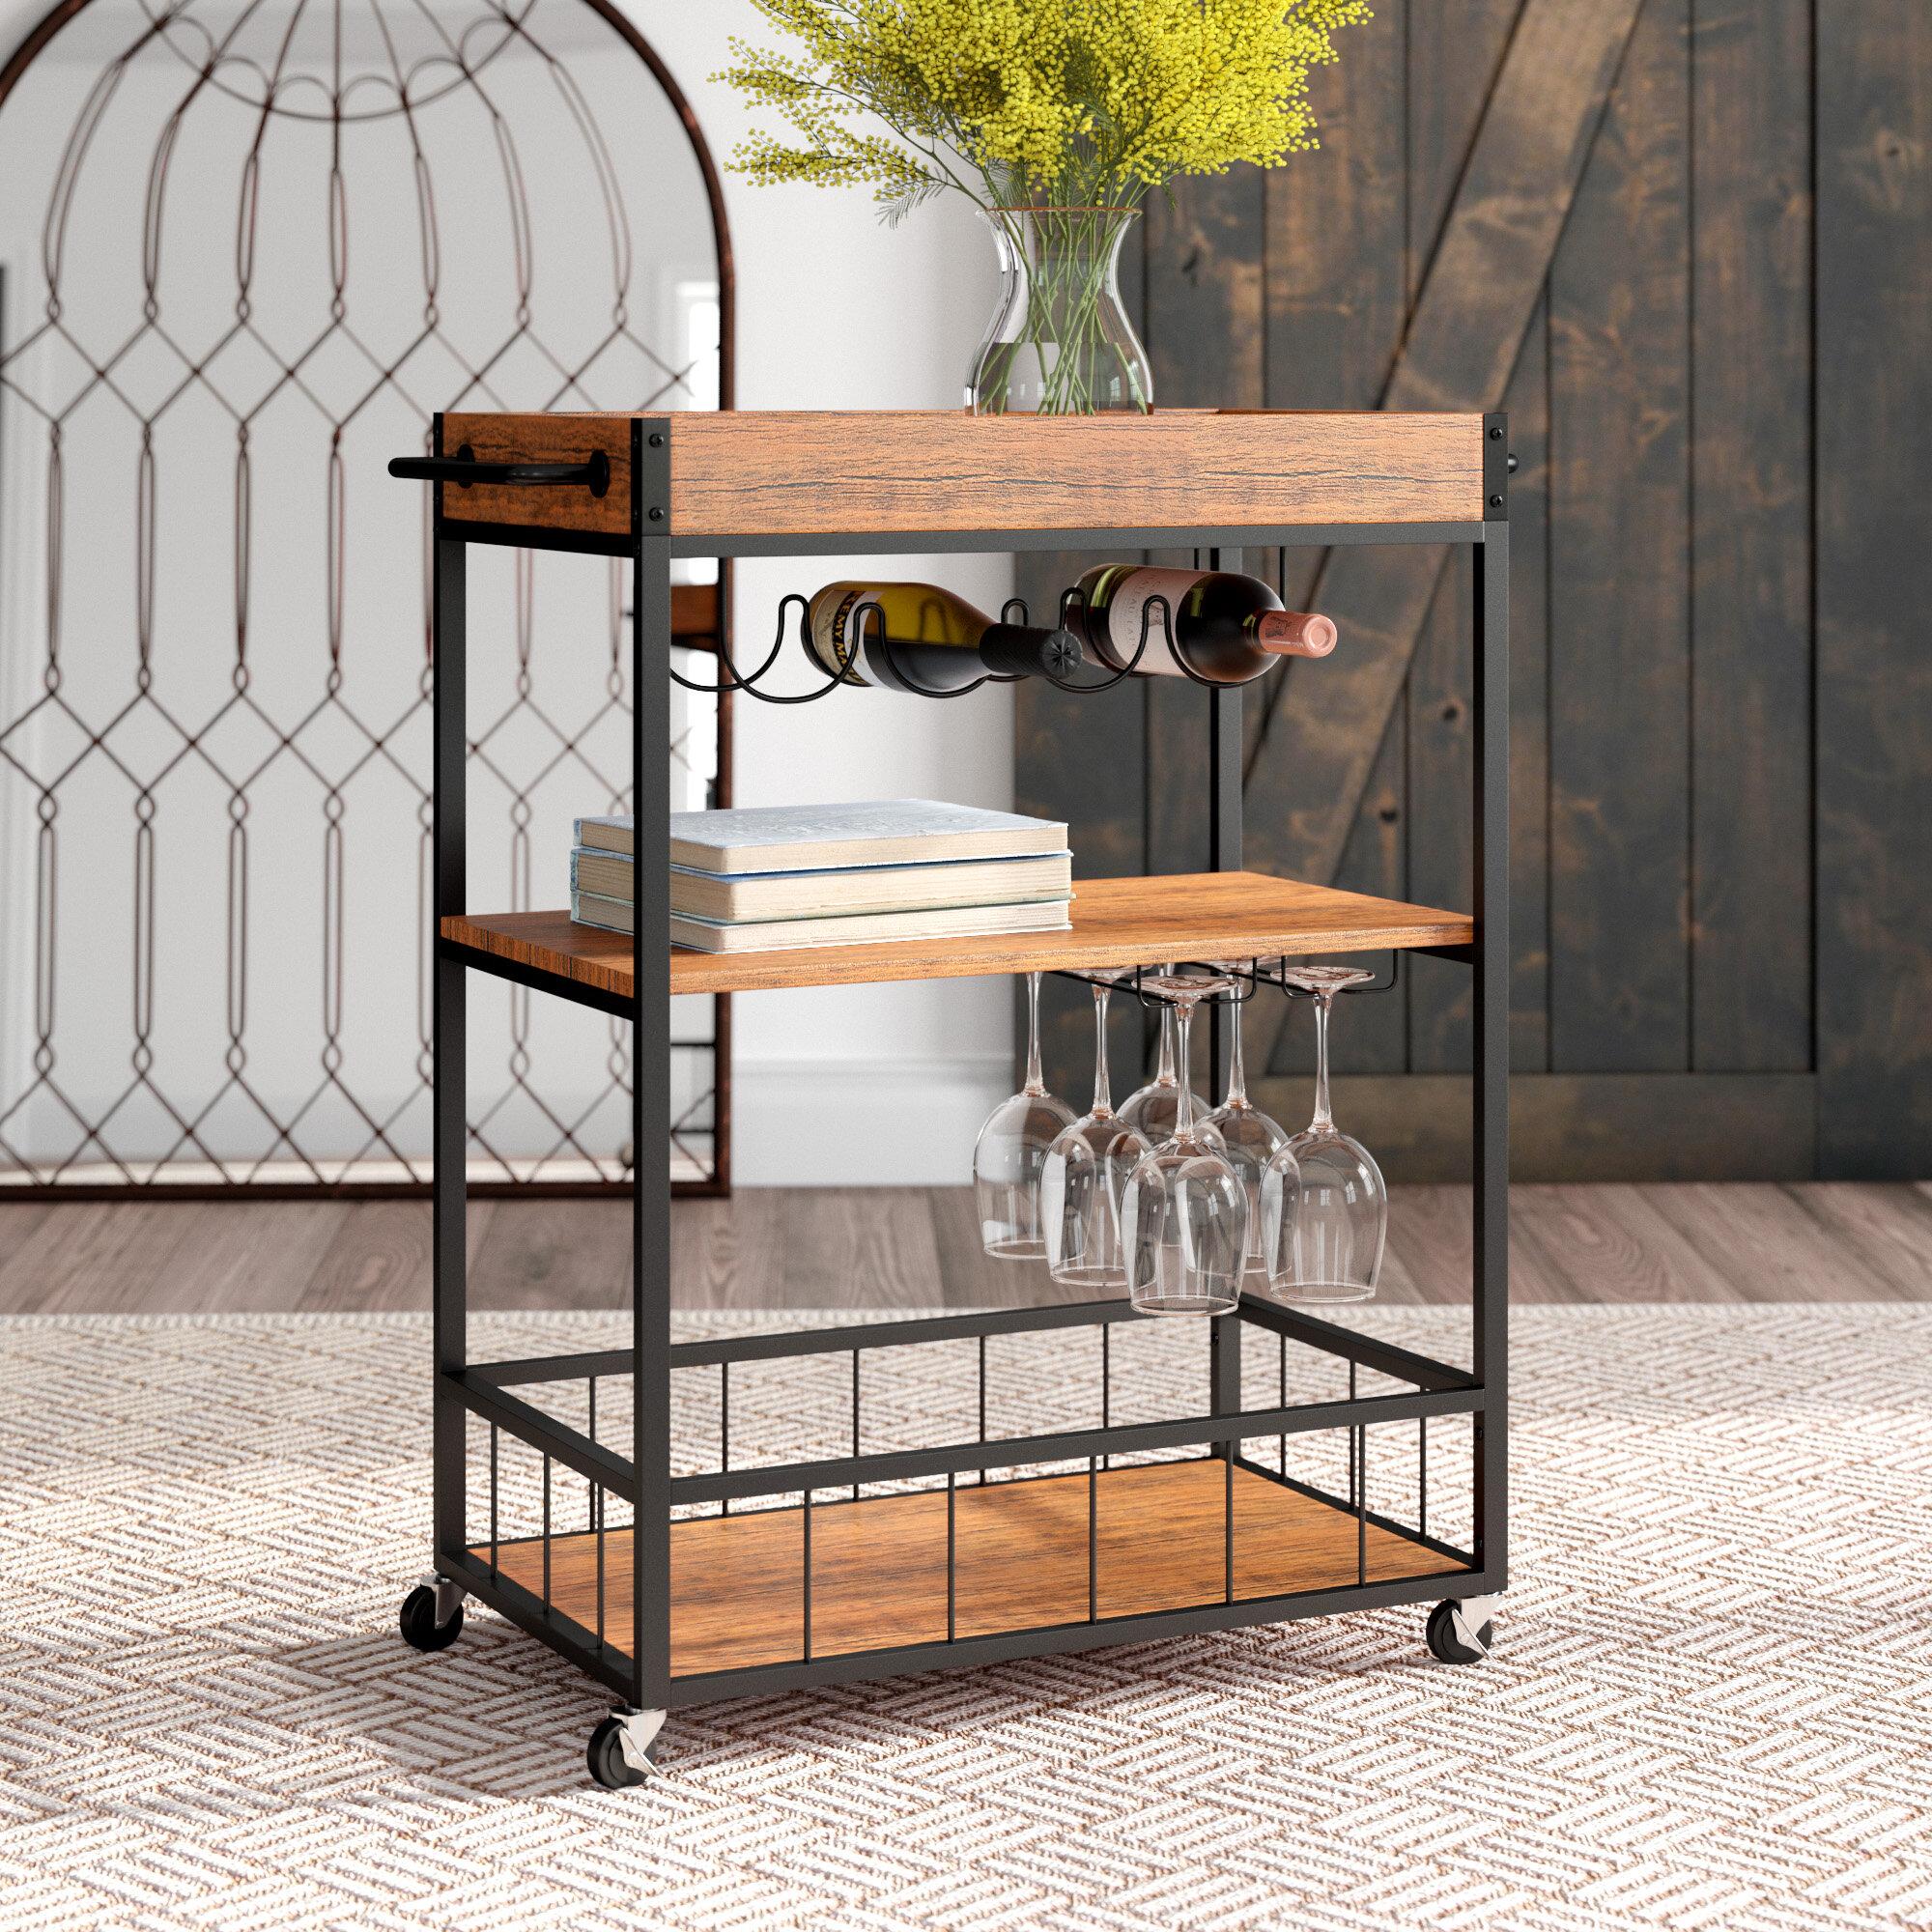 Gracie oaks castellon rustic industrial bar cart reviews wayfair